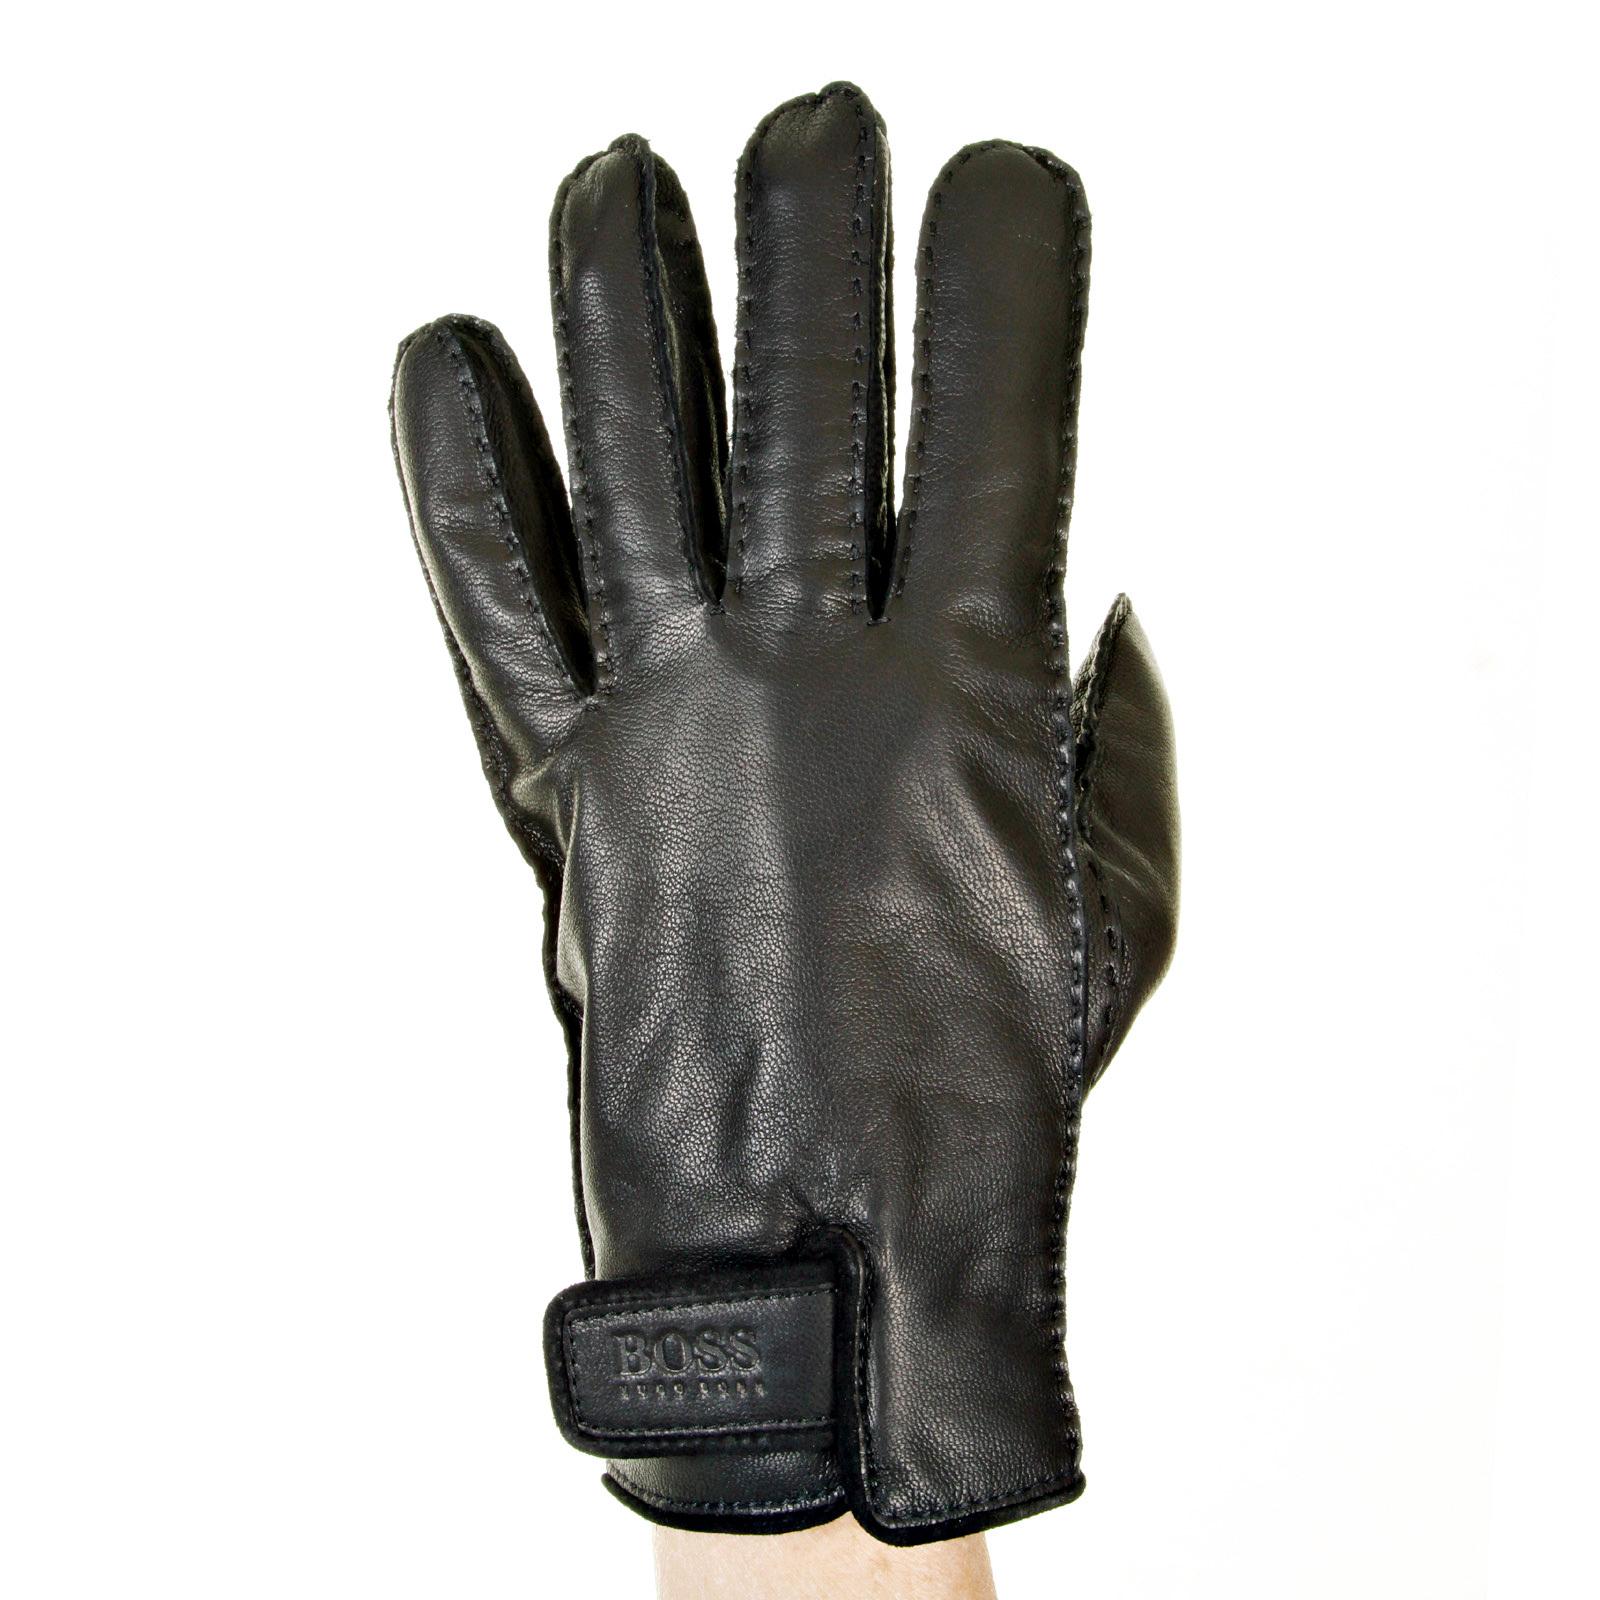 Hugo boss ladies leather gloves - Hugo Boss Gloves Black Leather 50211301 Kranto Boss2516